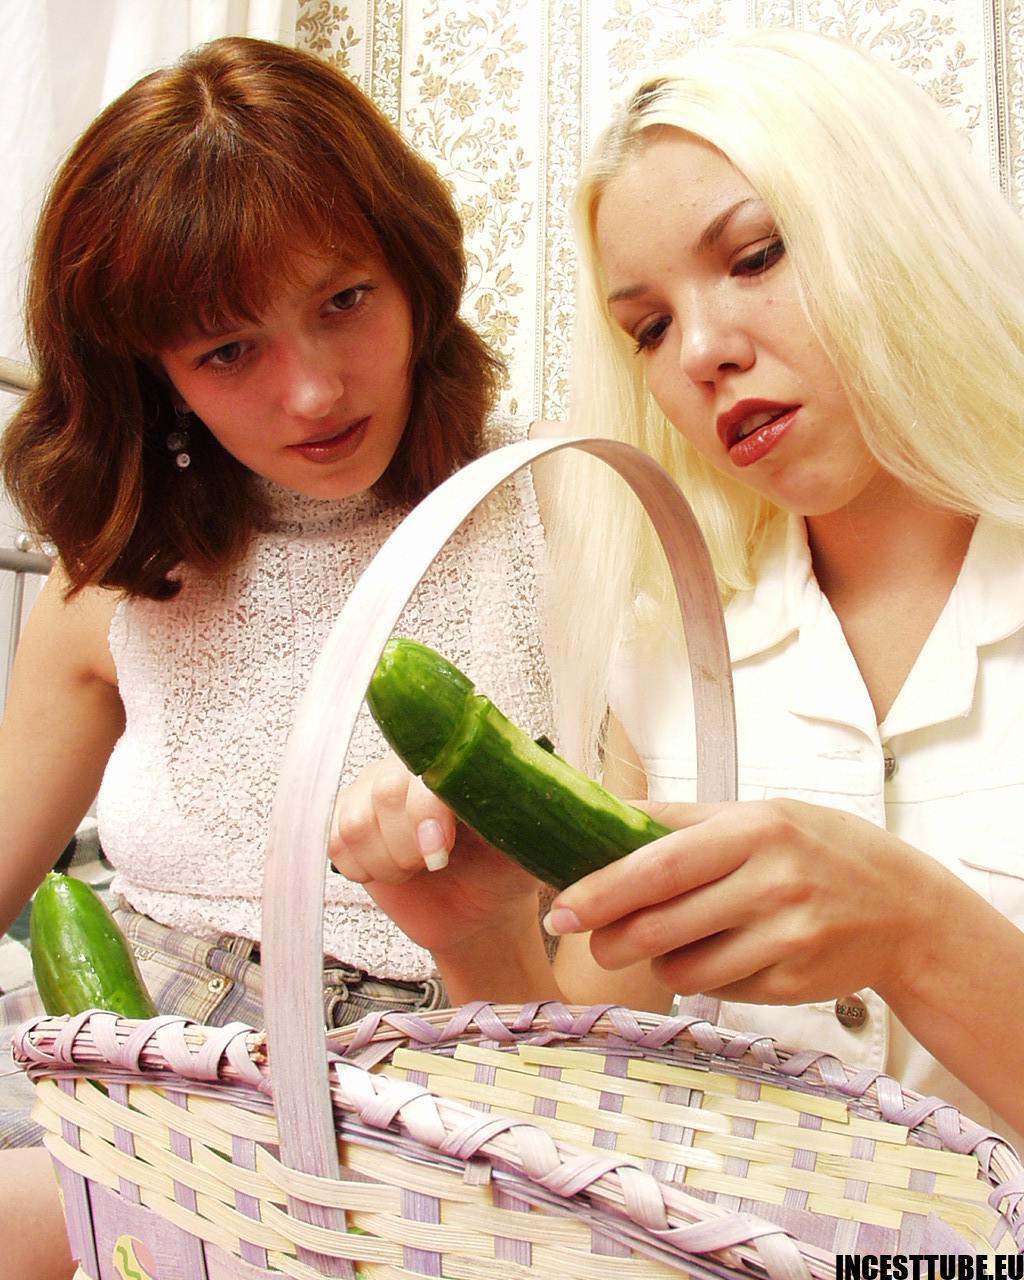 Onschuldige zusjes op ontdekkingsreis – incest foto's